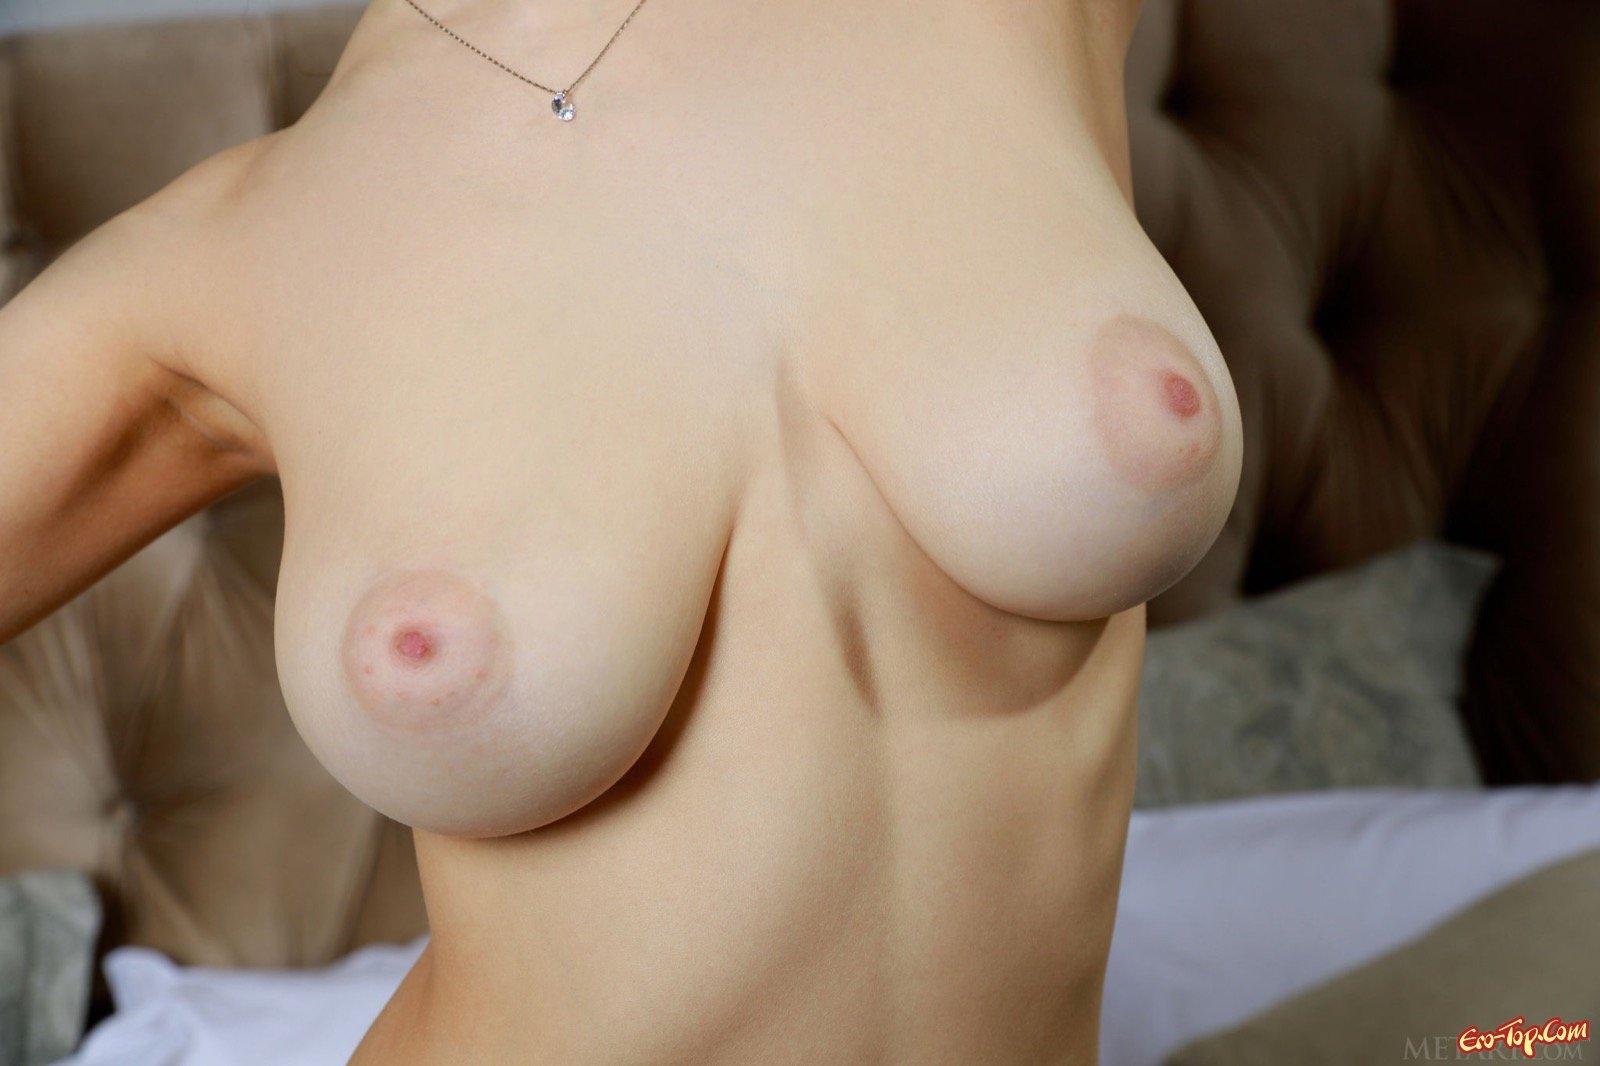 Хорошенькая девка с гигантскими губками обнажилась в лежанке